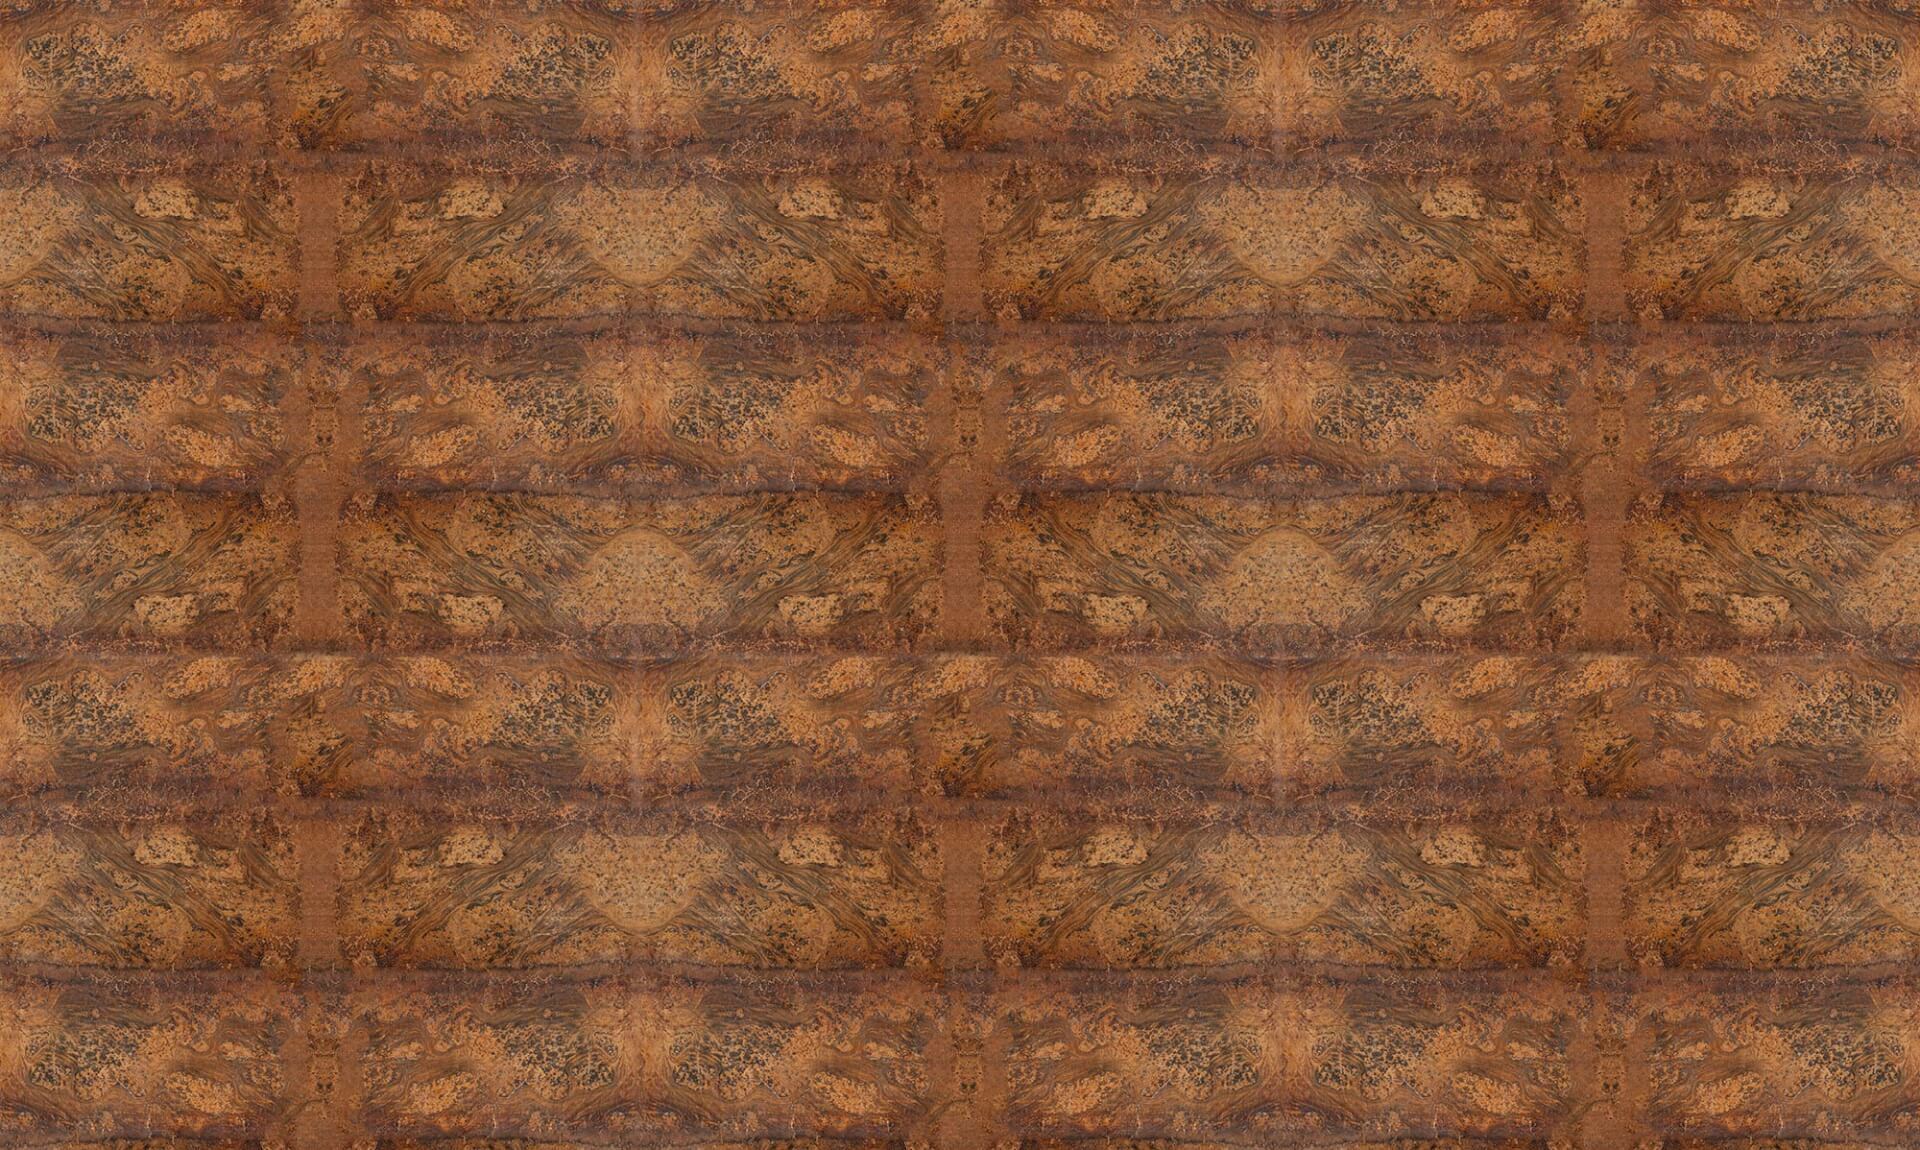 Ancient Leather Doug Garrabrants-Zoë Design